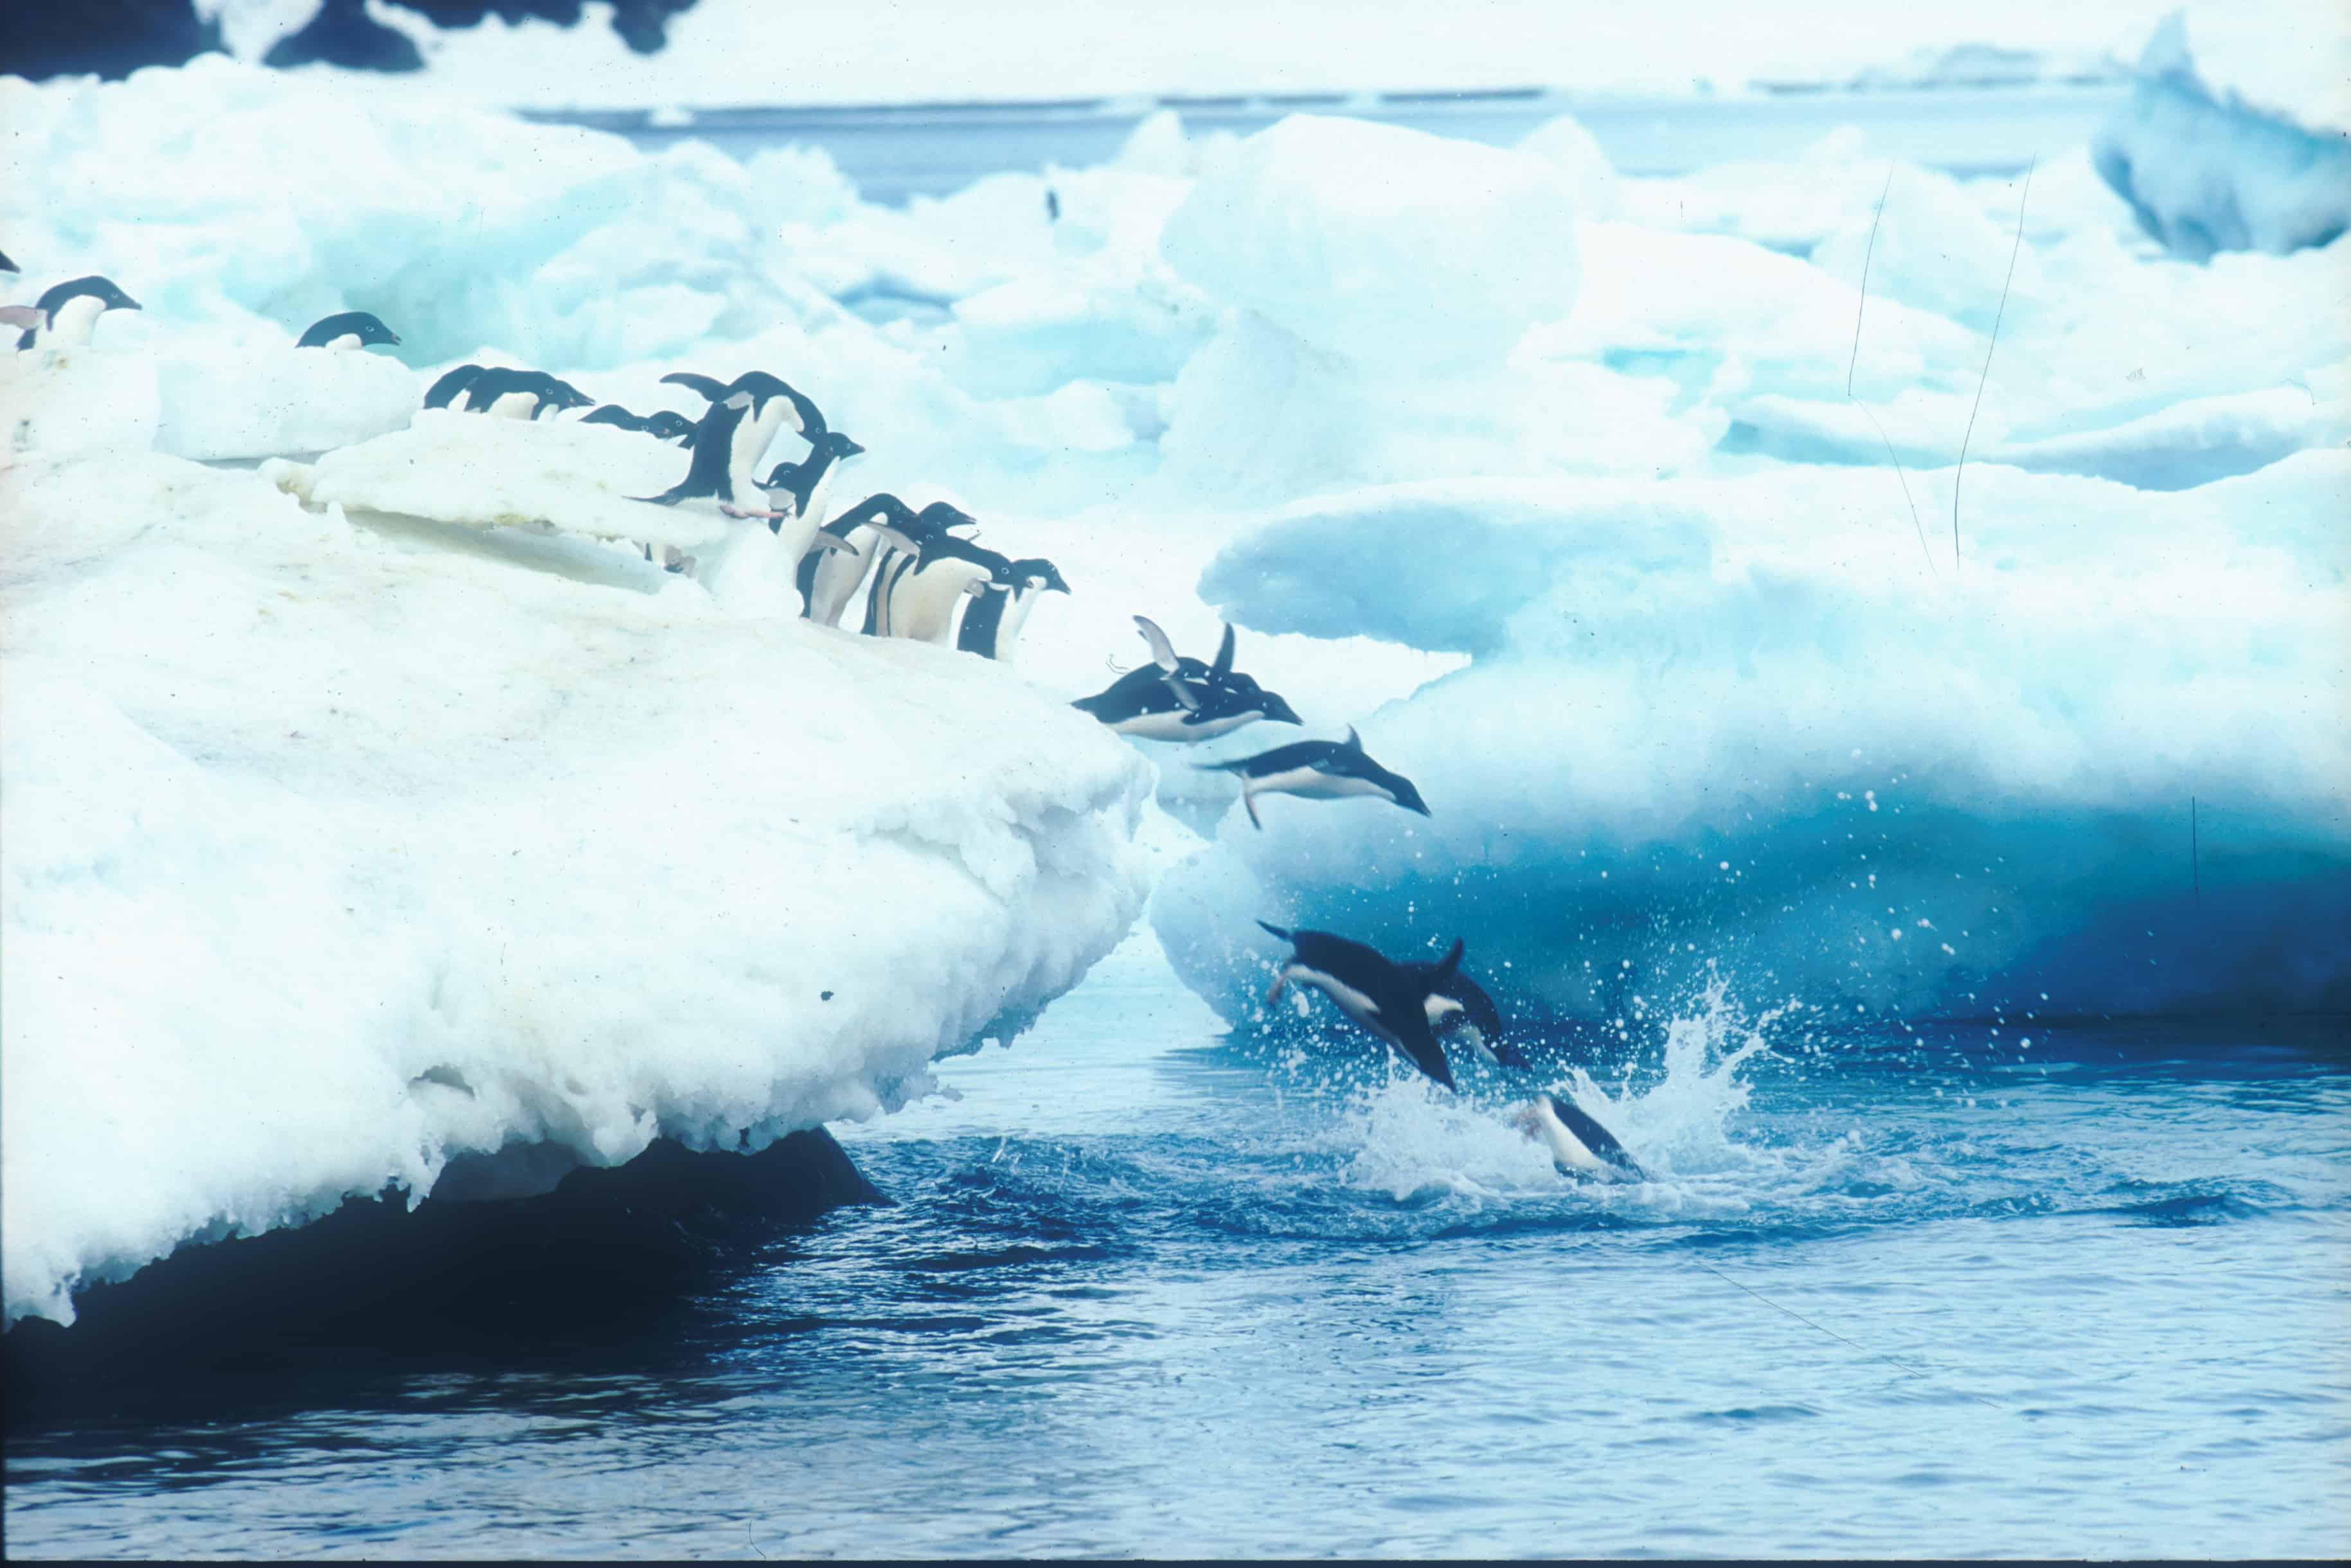 Adélie penguins dive into the sea. Copyright: Michael Gore FRPS